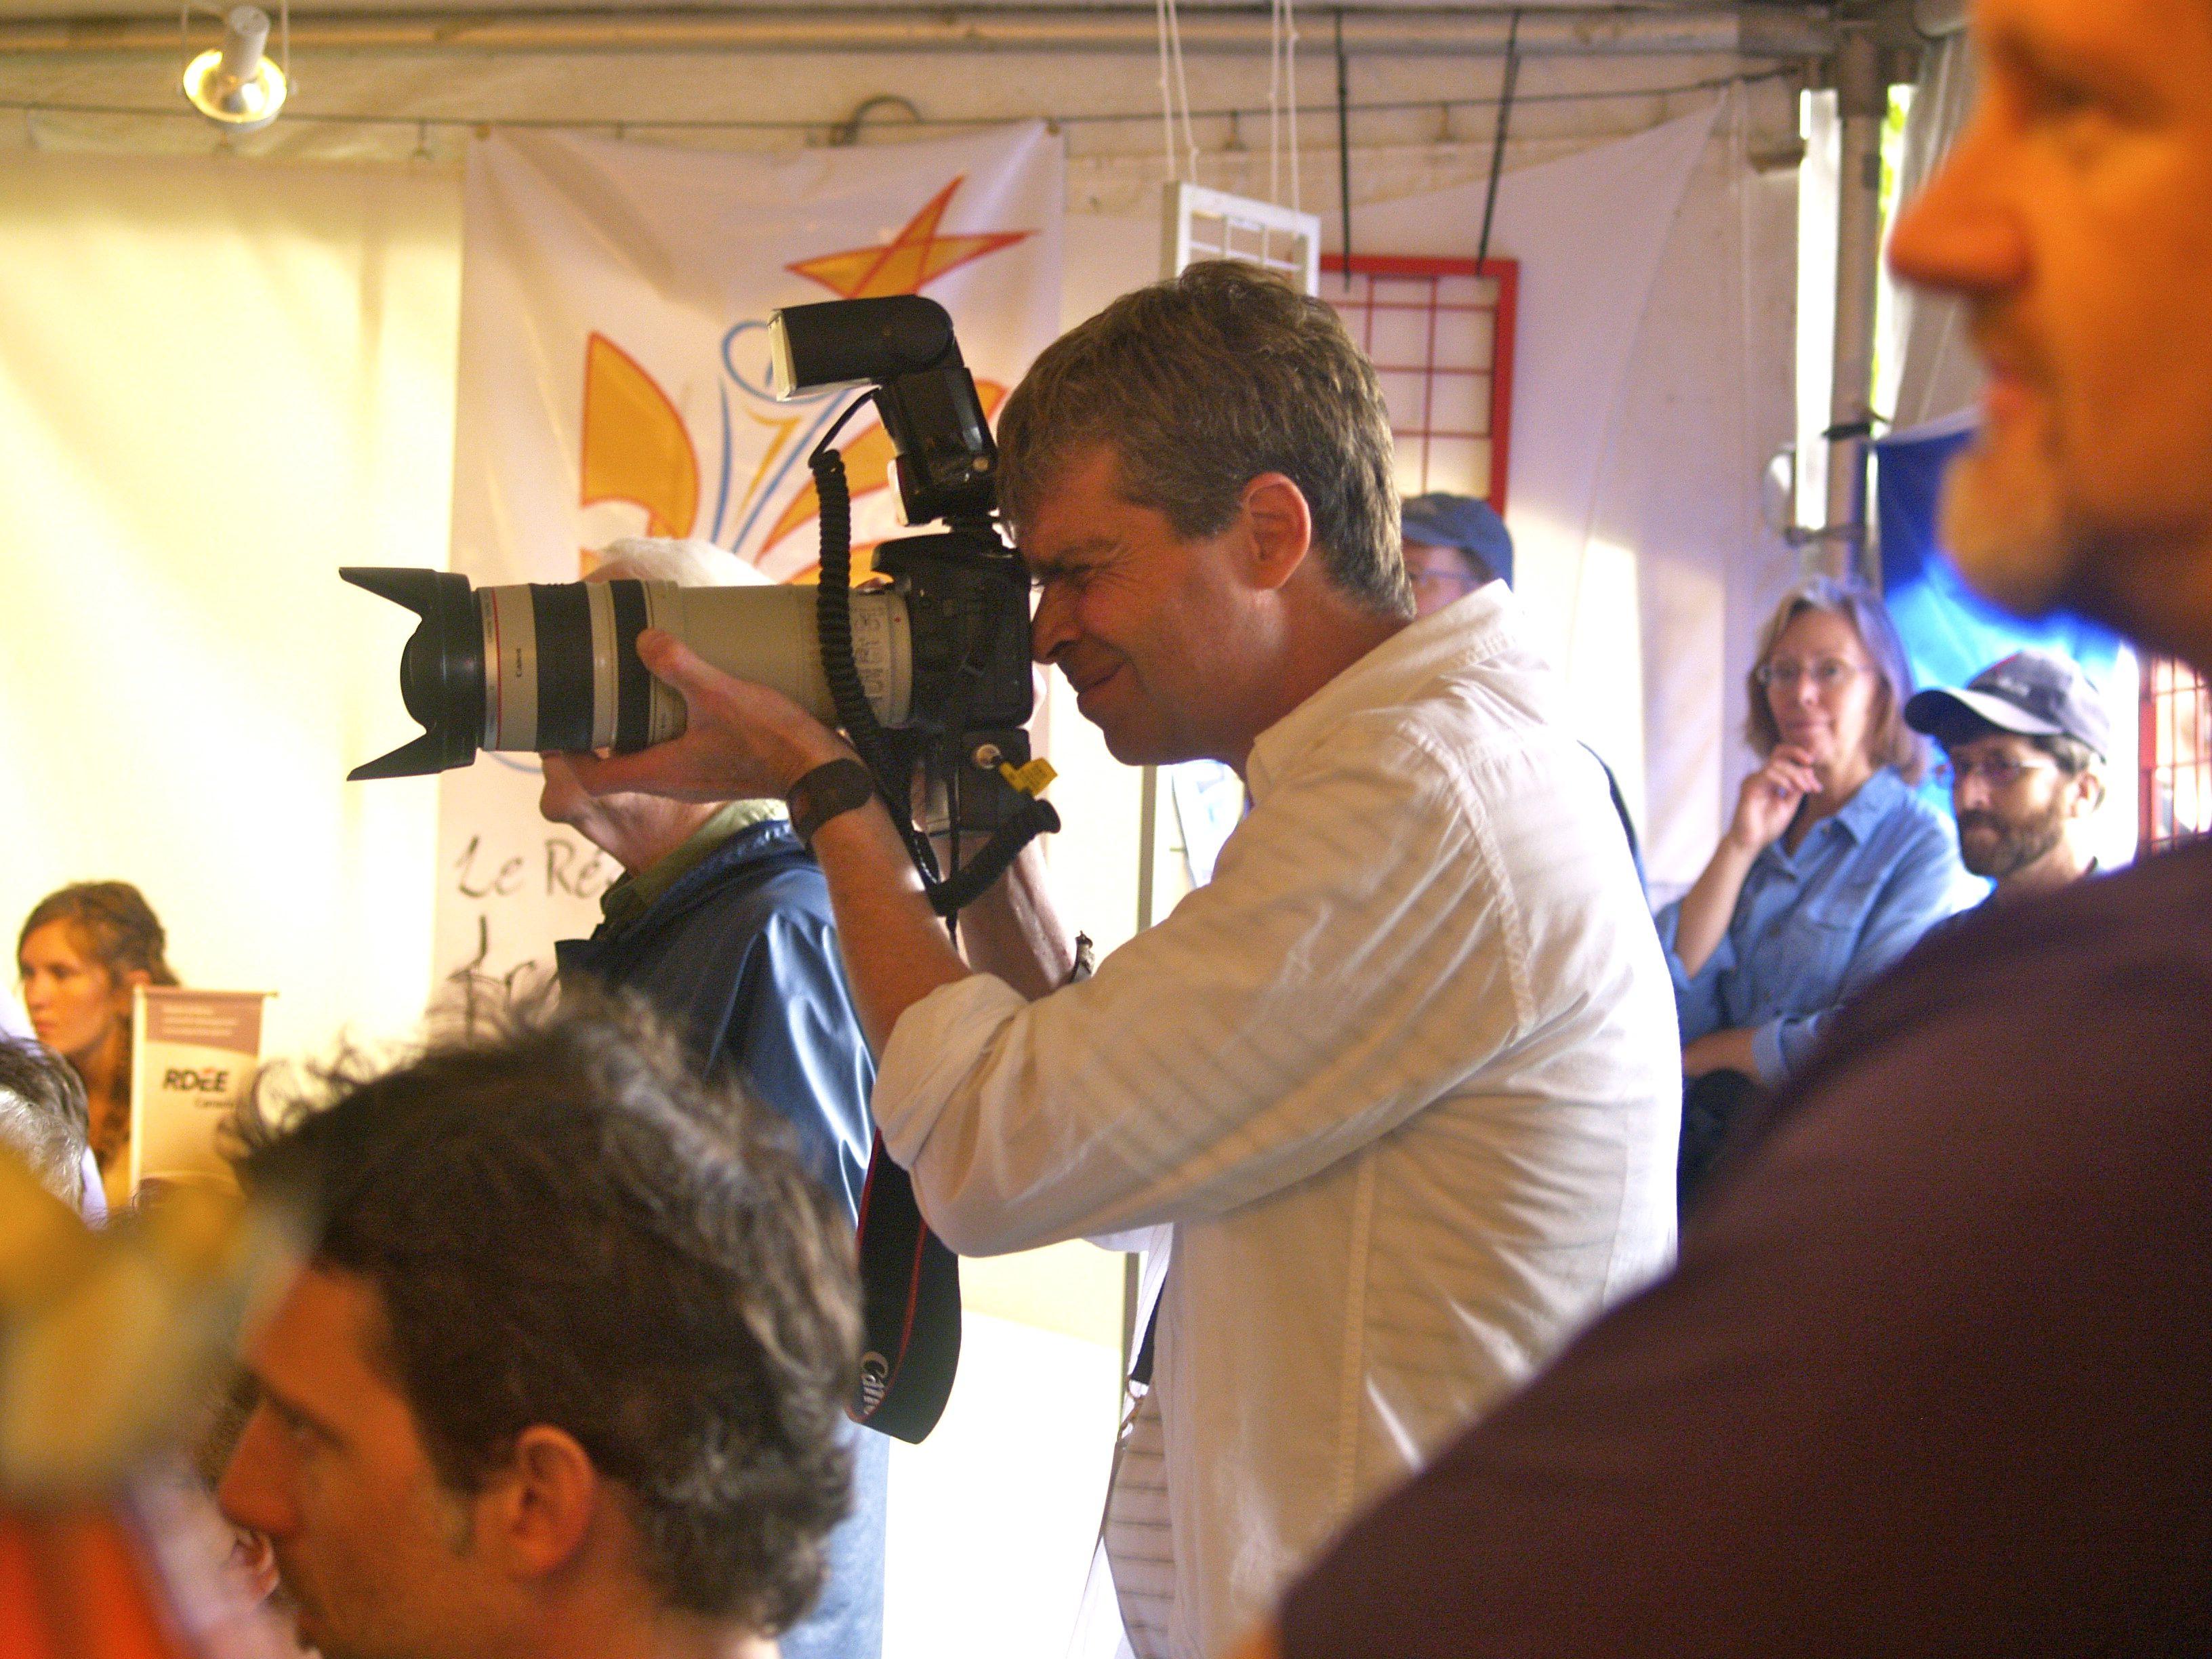 Jean-Christophe Lespagnol, photographe de St-Pierre et Miquelon, à l'oeuvre dans la tente du Réseau culturel francophone de Terre-Neuve-et-Labrador. Aoüt 2009. Photo : Jacinthe Tremblay